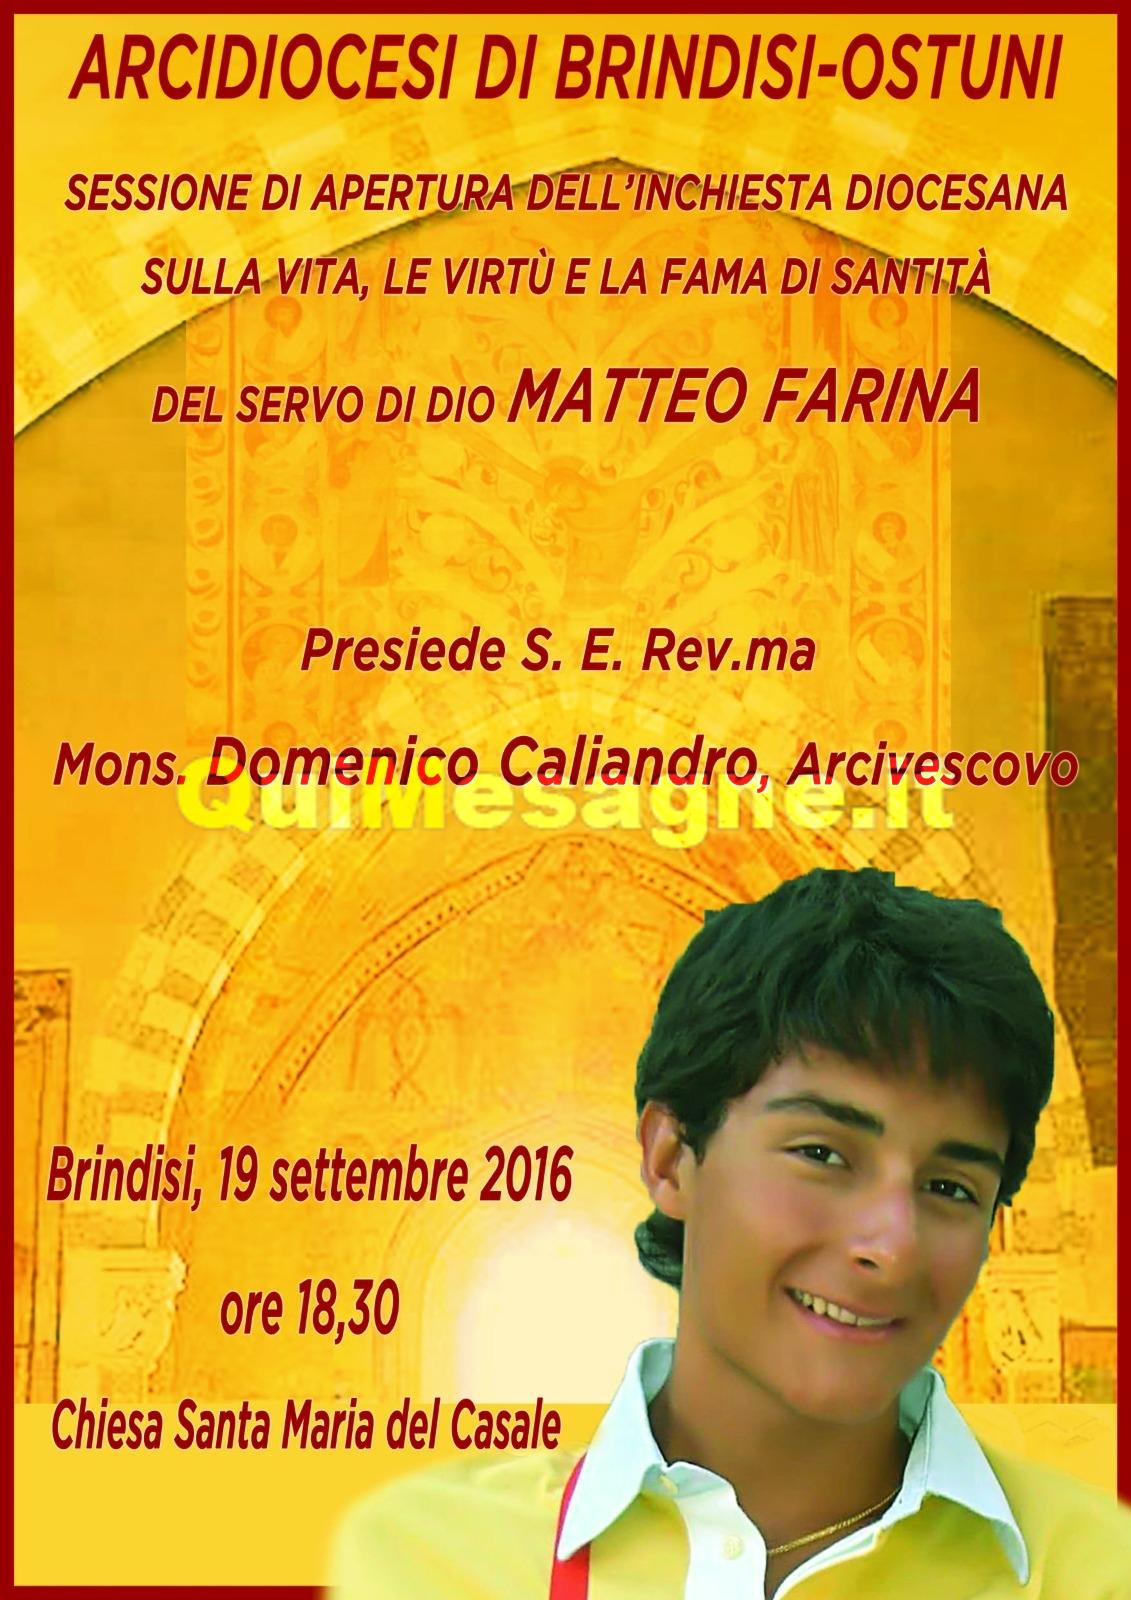 Brindisi, Lunedì 19 settembre si apre processo di Beatificazione per Matteo Farina